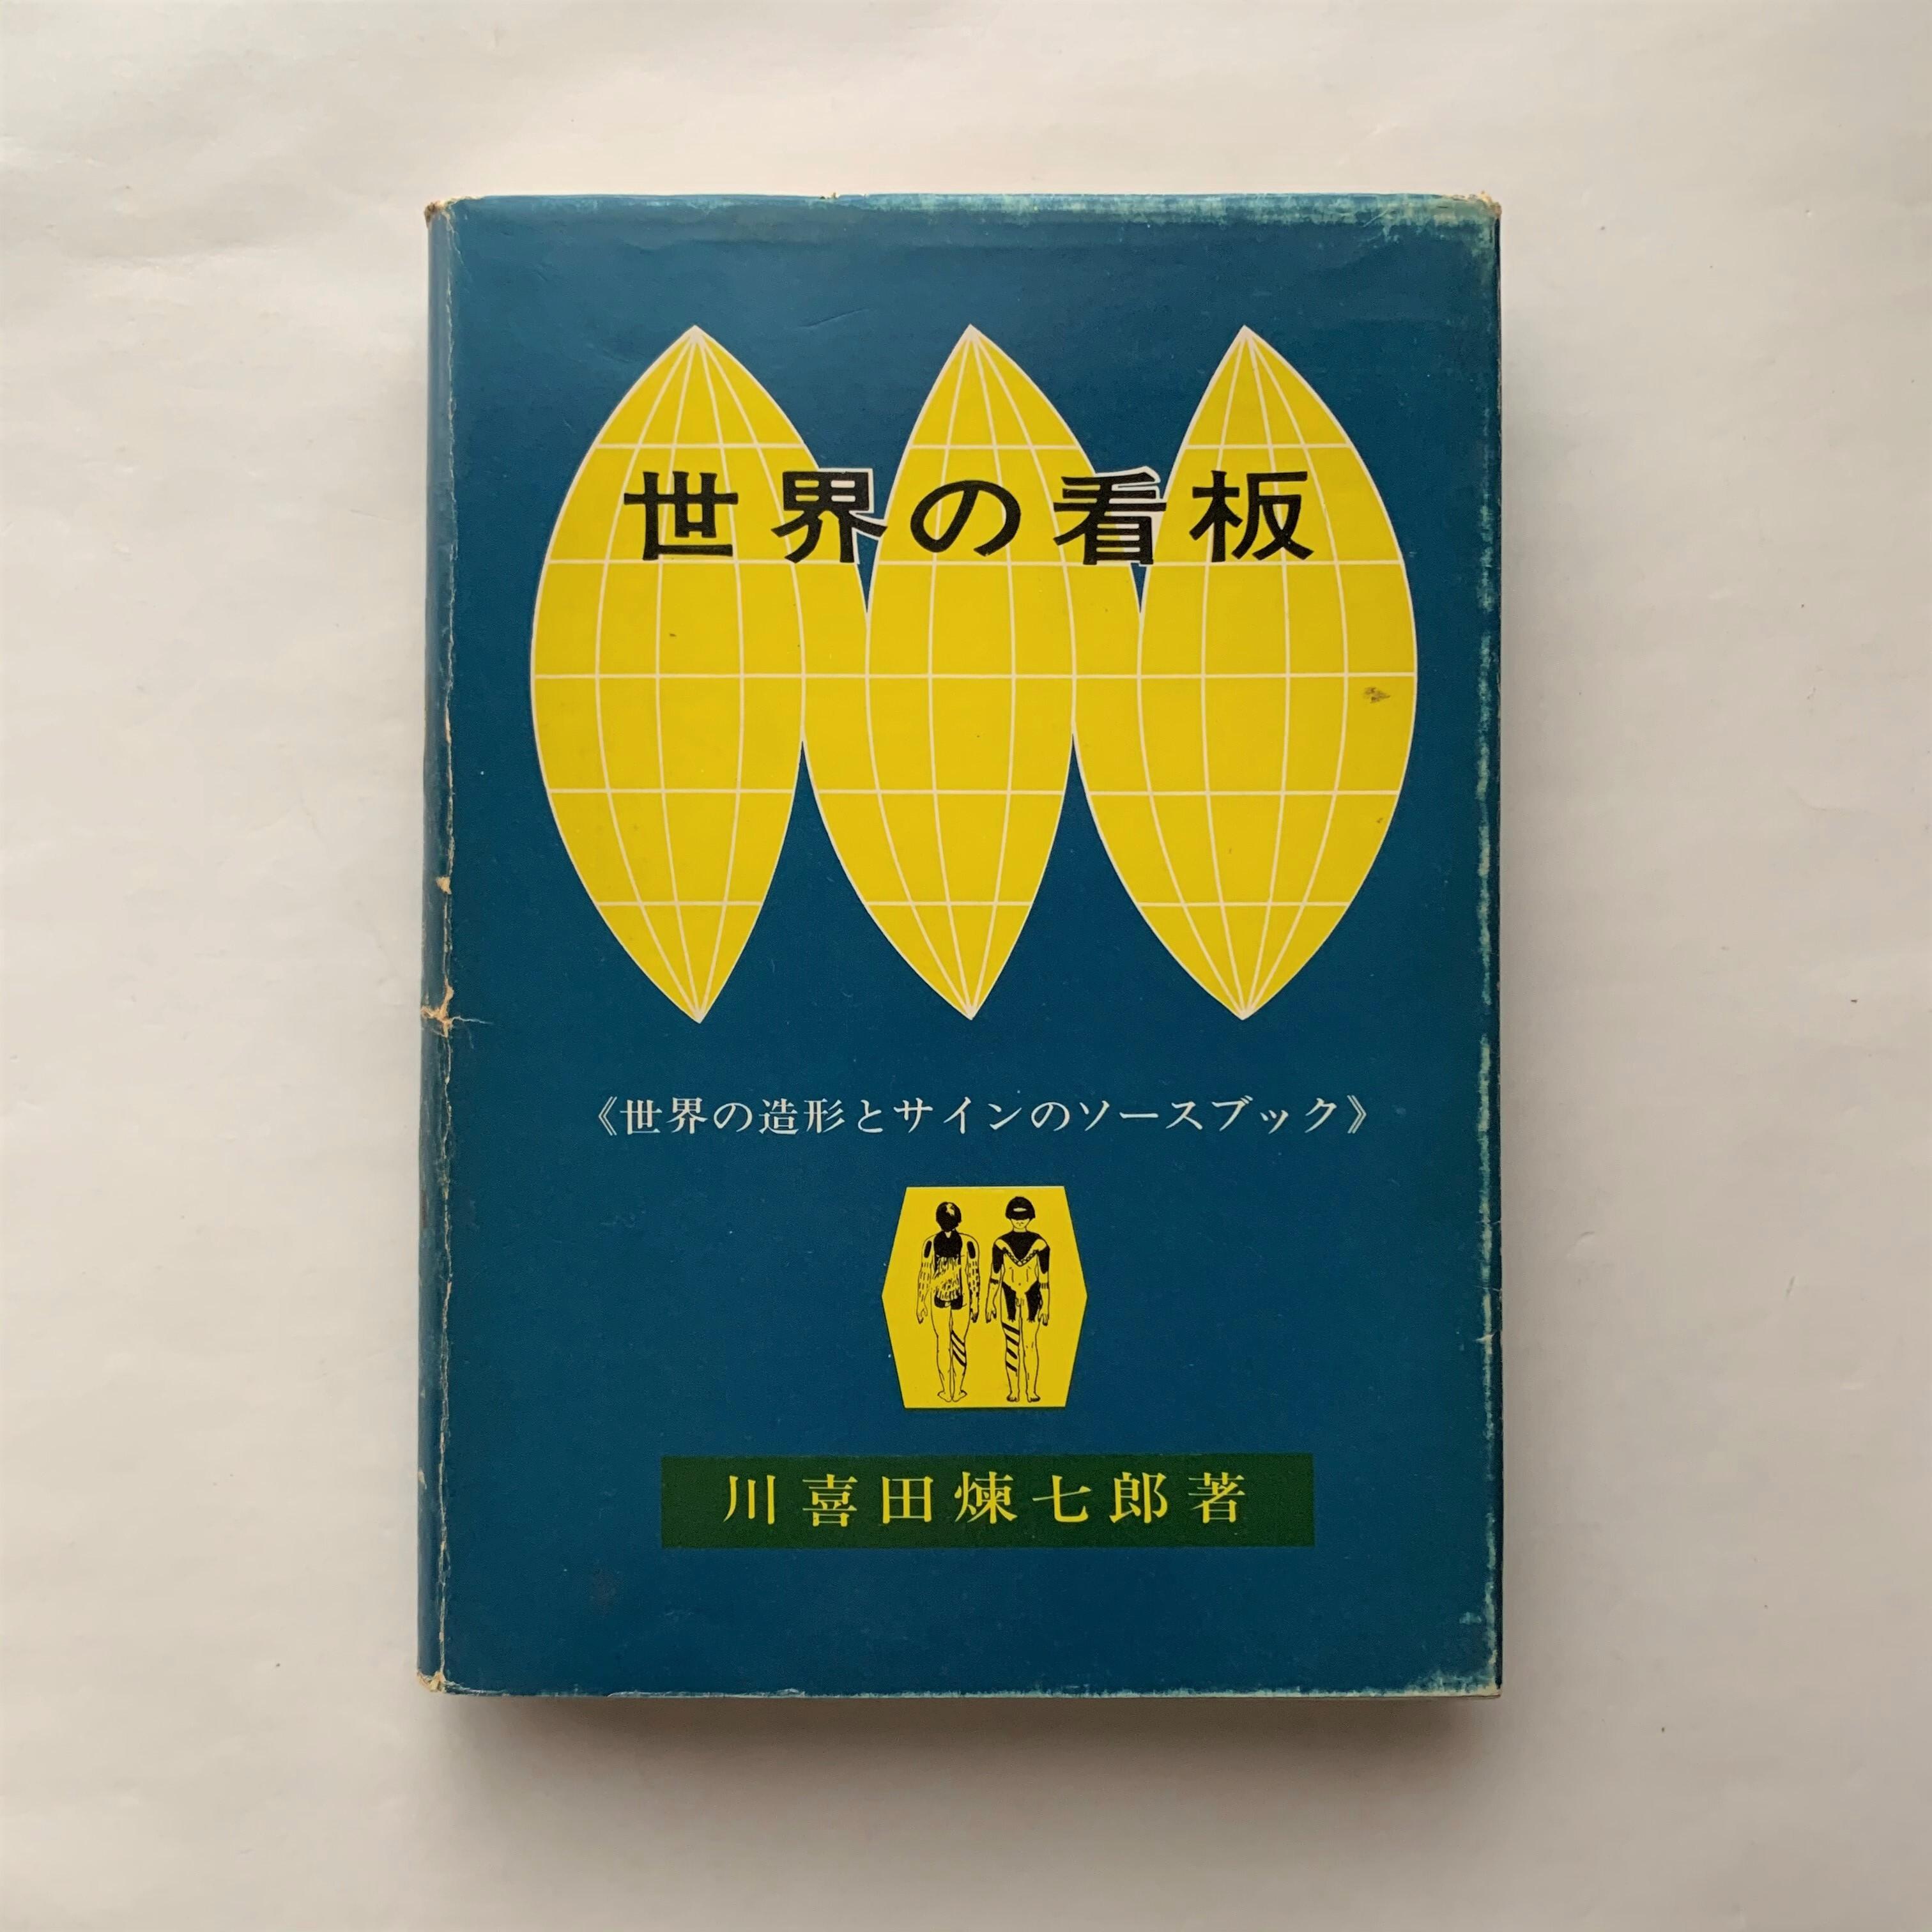 世界の看板-世界の造形とサインのソースブック / 川喜田煉七郎